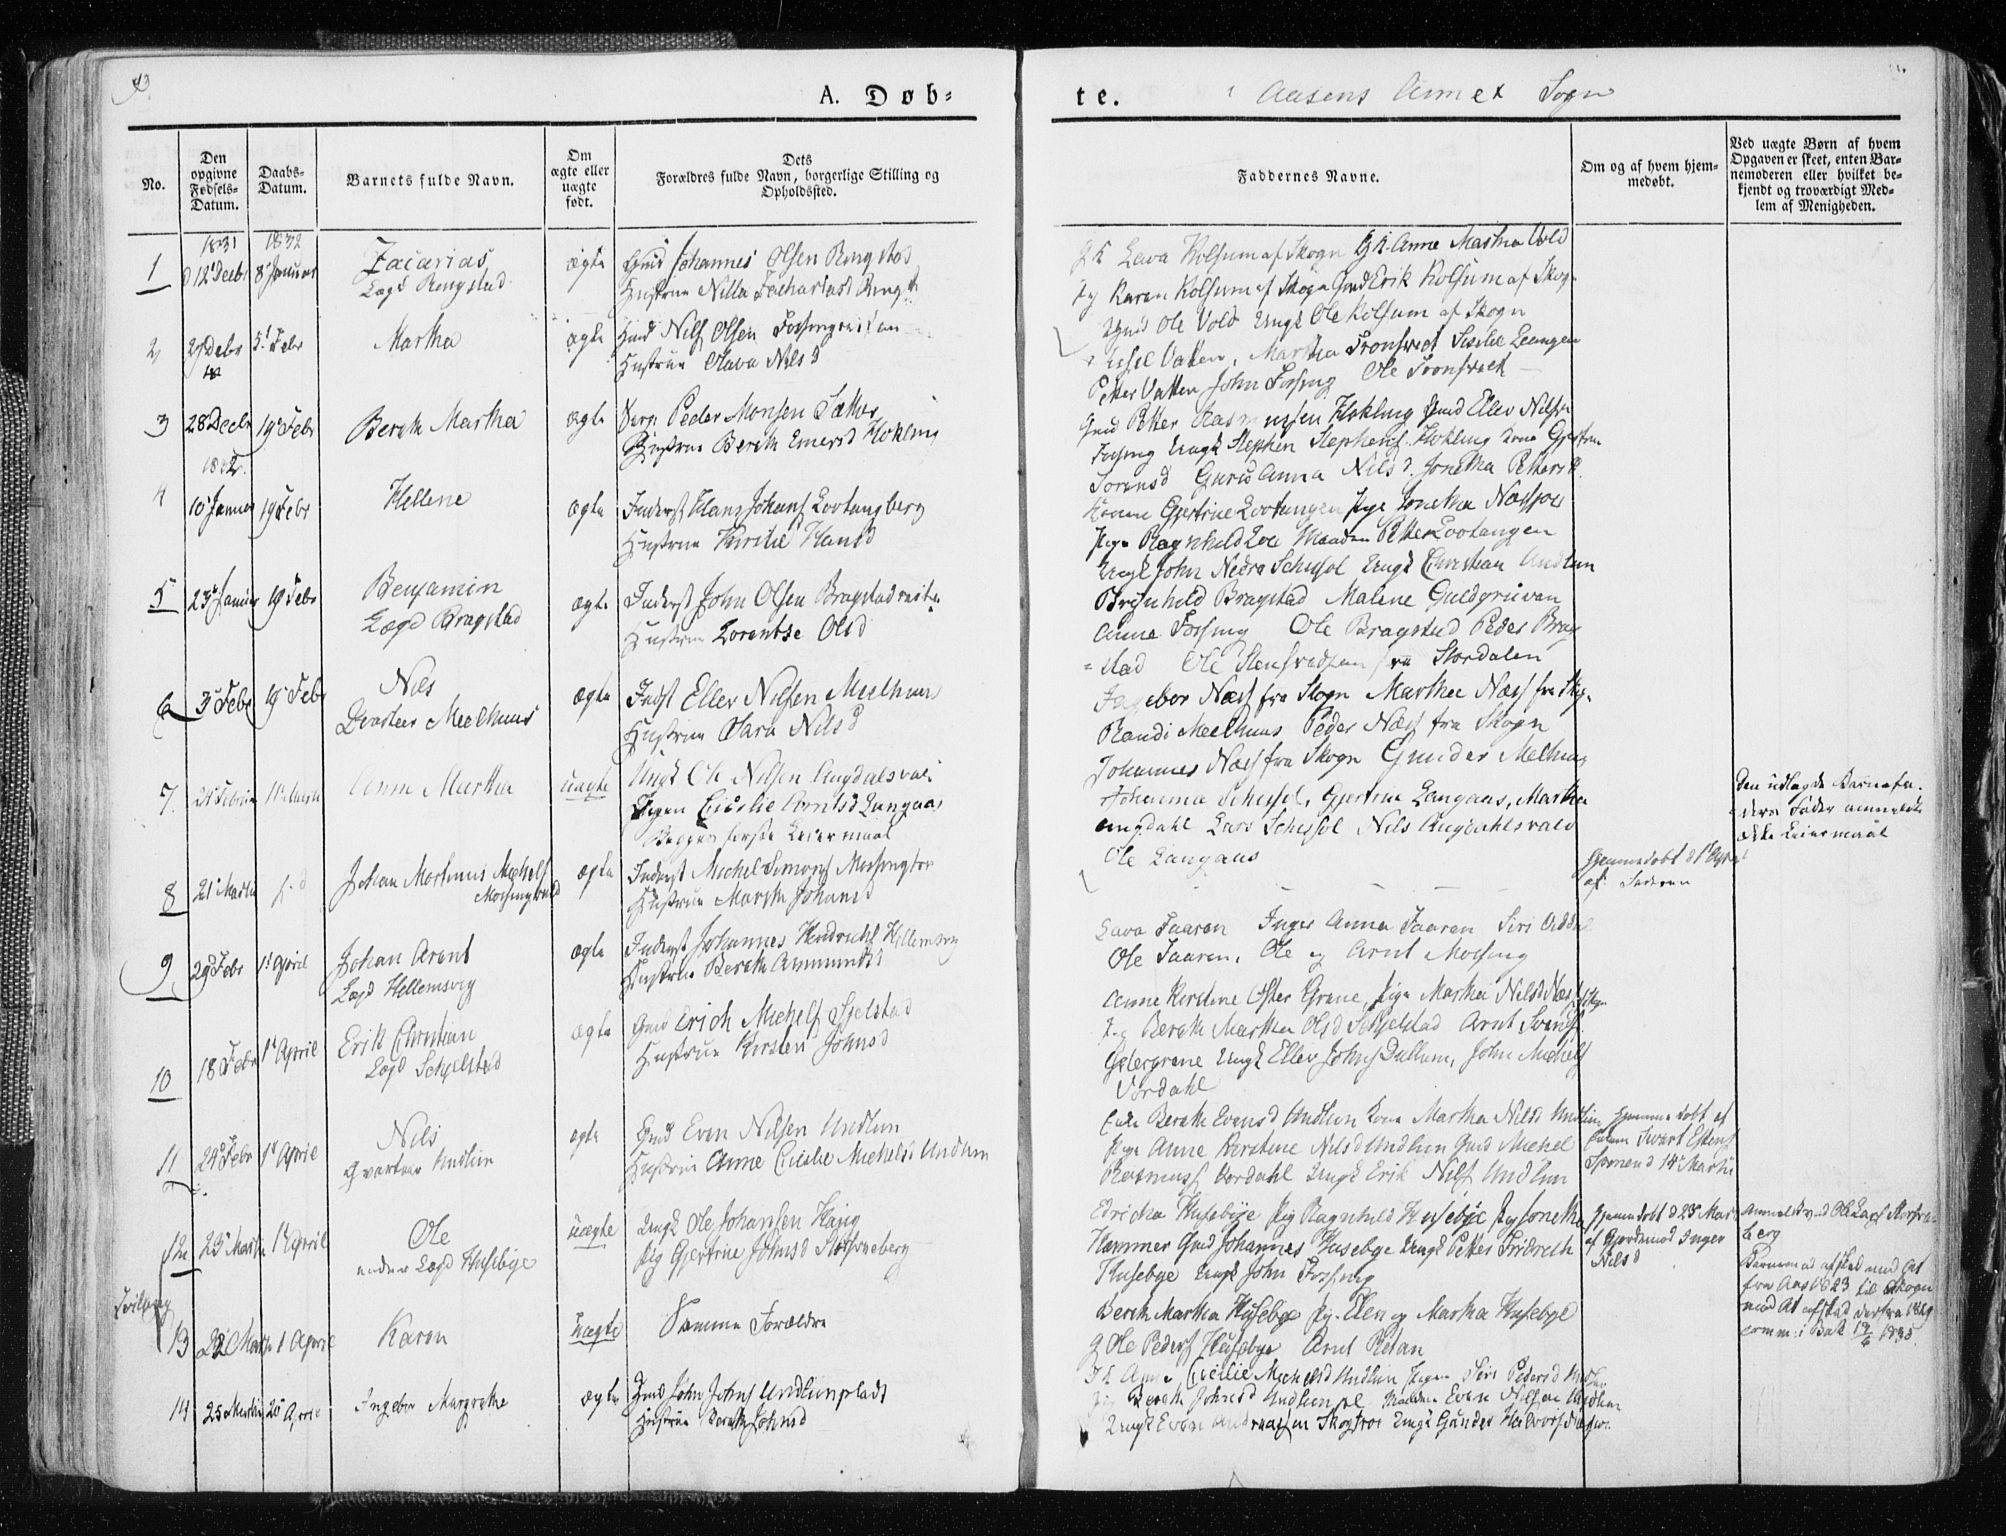 SAT, Ministerialprotokoller, klokkerbøker og fødselsregistre - Nord-Trøndelag, 713/L0114: Ministerialbok nr. 713A05, 1827-1839, s. 93